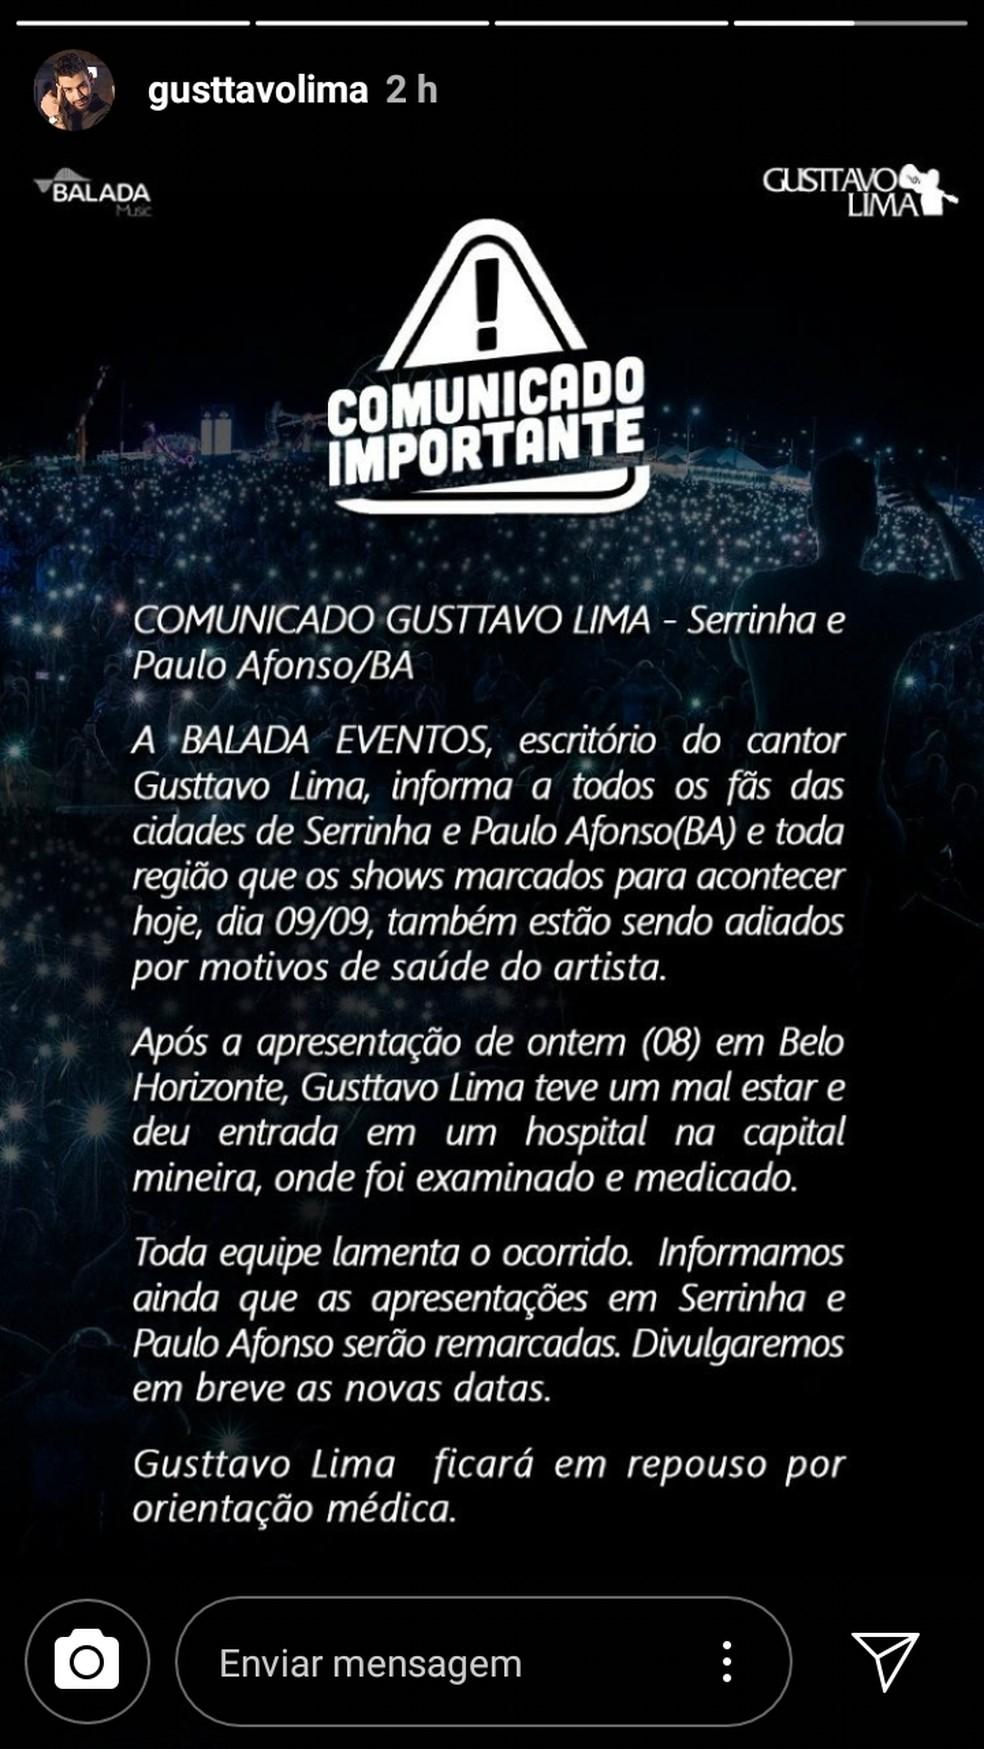 Produção do cantor Gusttavo Lima divulgou que shows na Bahia foram adiados após o artista passar mal (Foto: Reprodução/ Instagram)